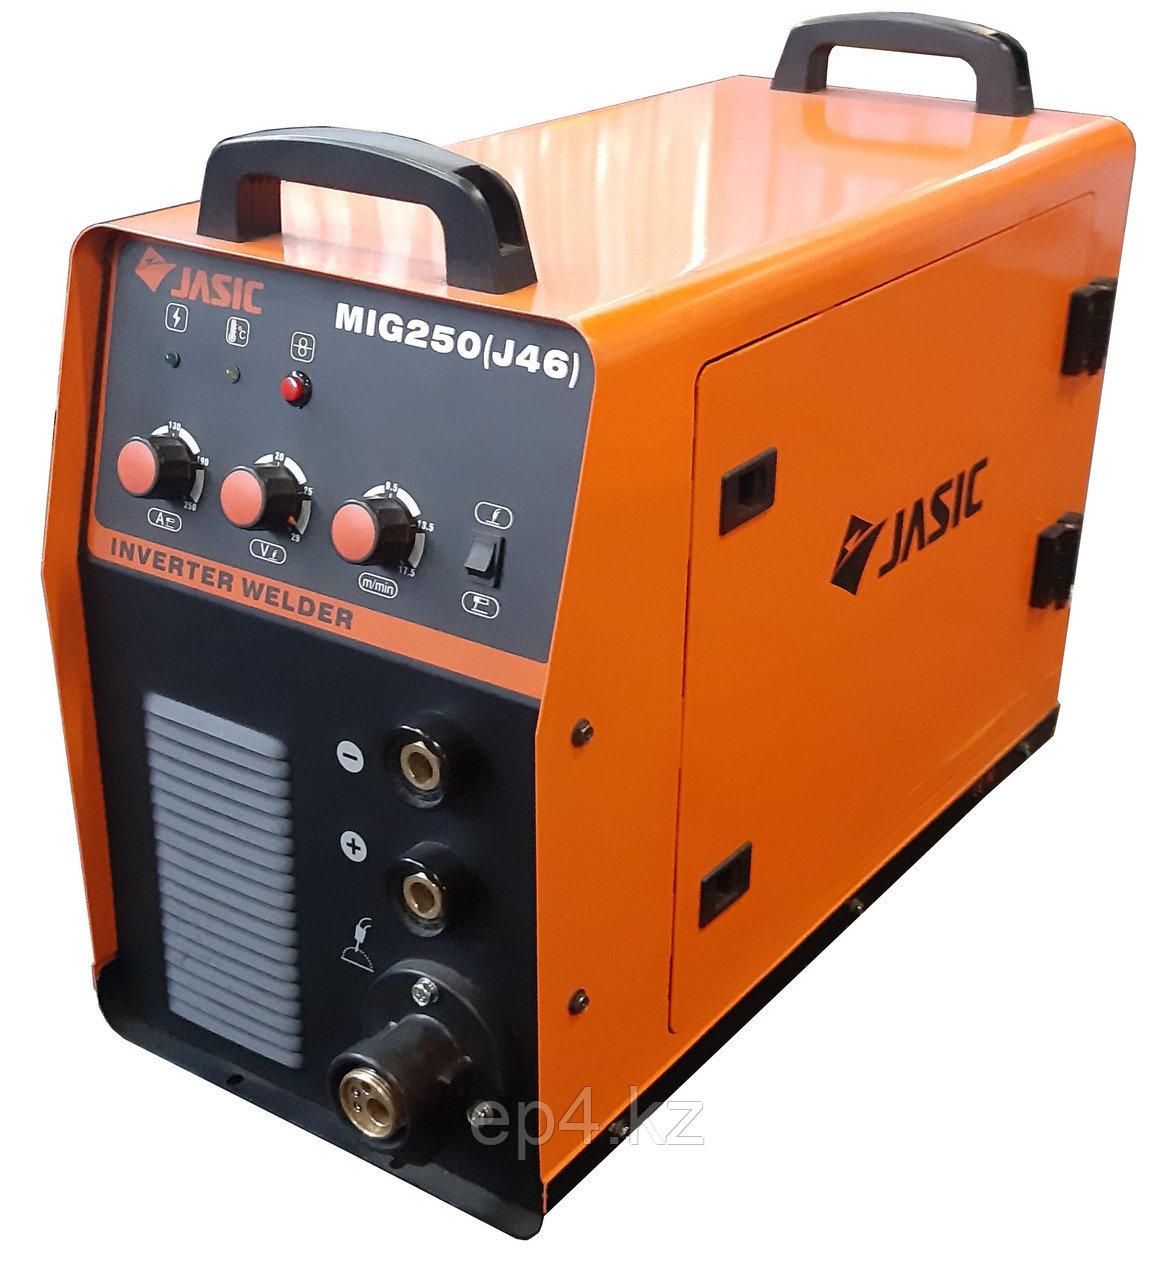 Сварочный полуавтомат MIG 250 (N24601(Н))/(J46)